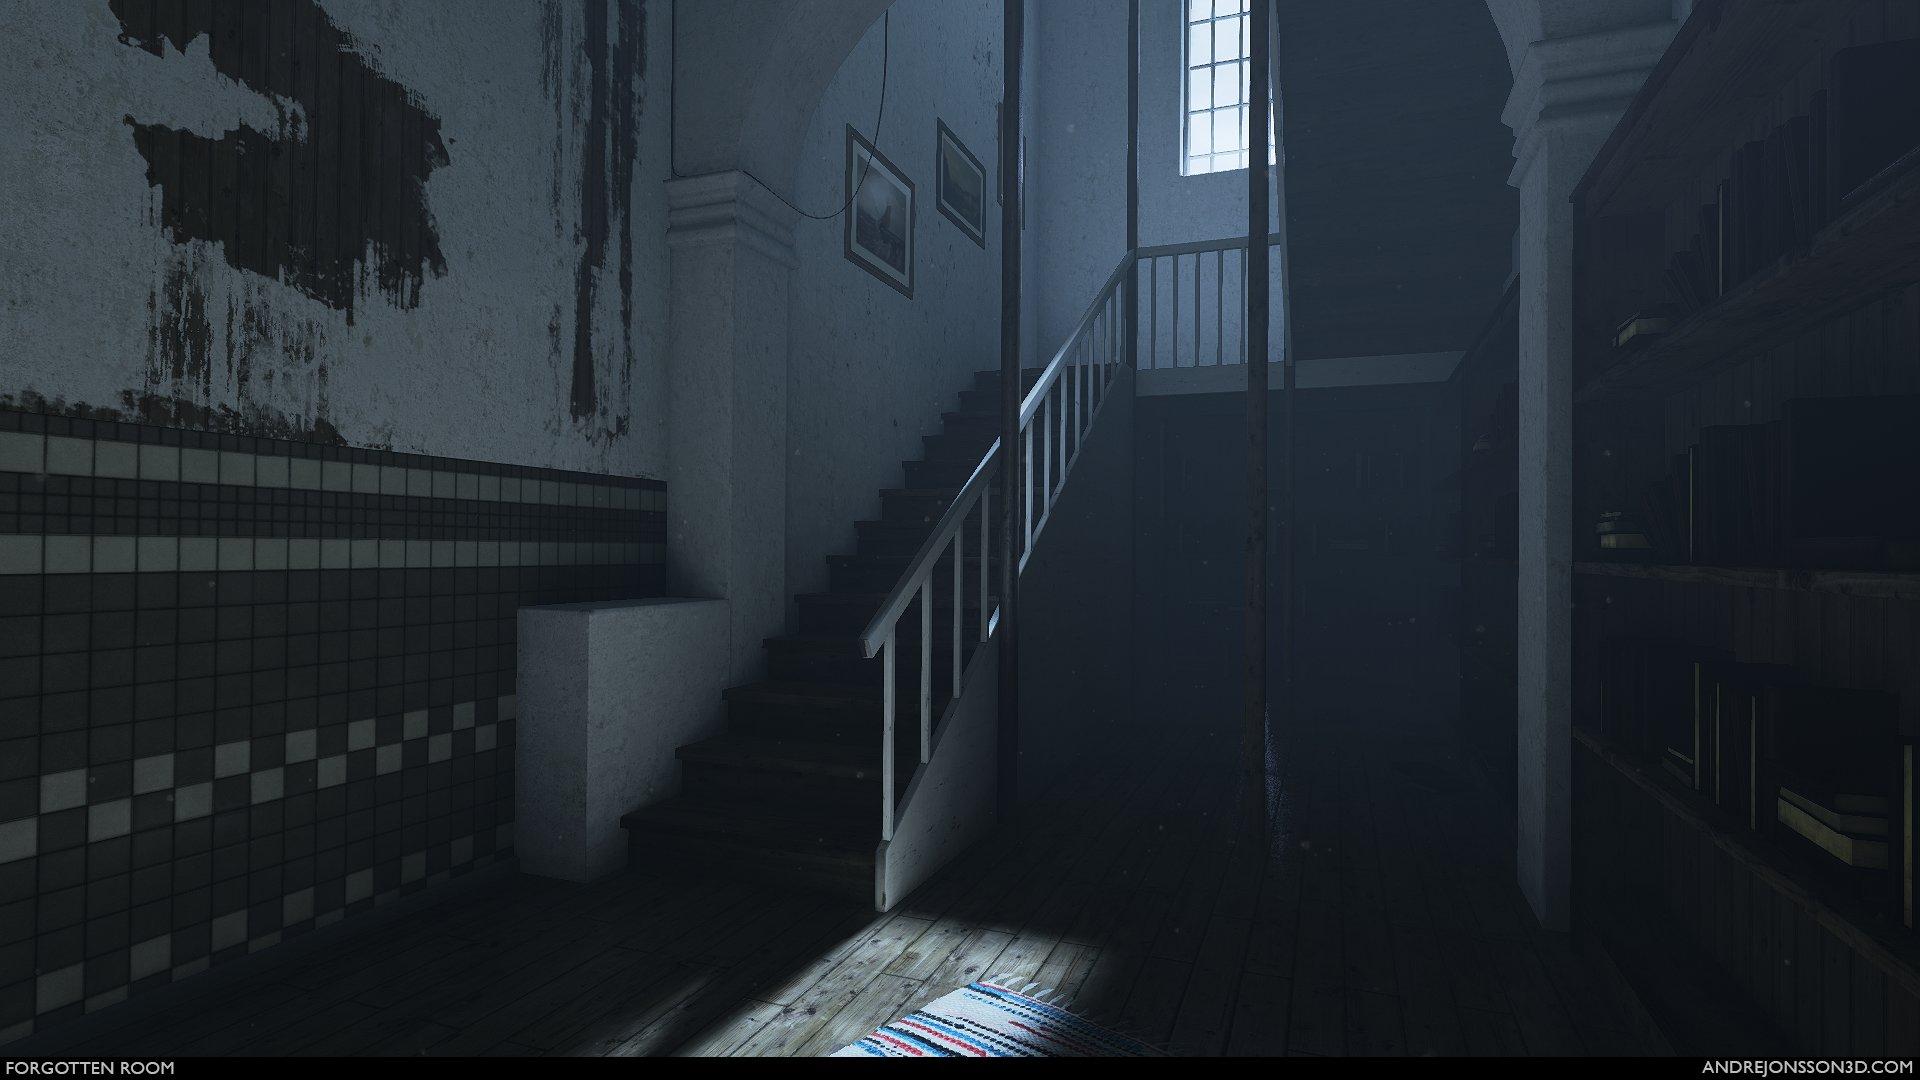 Forgotten Room